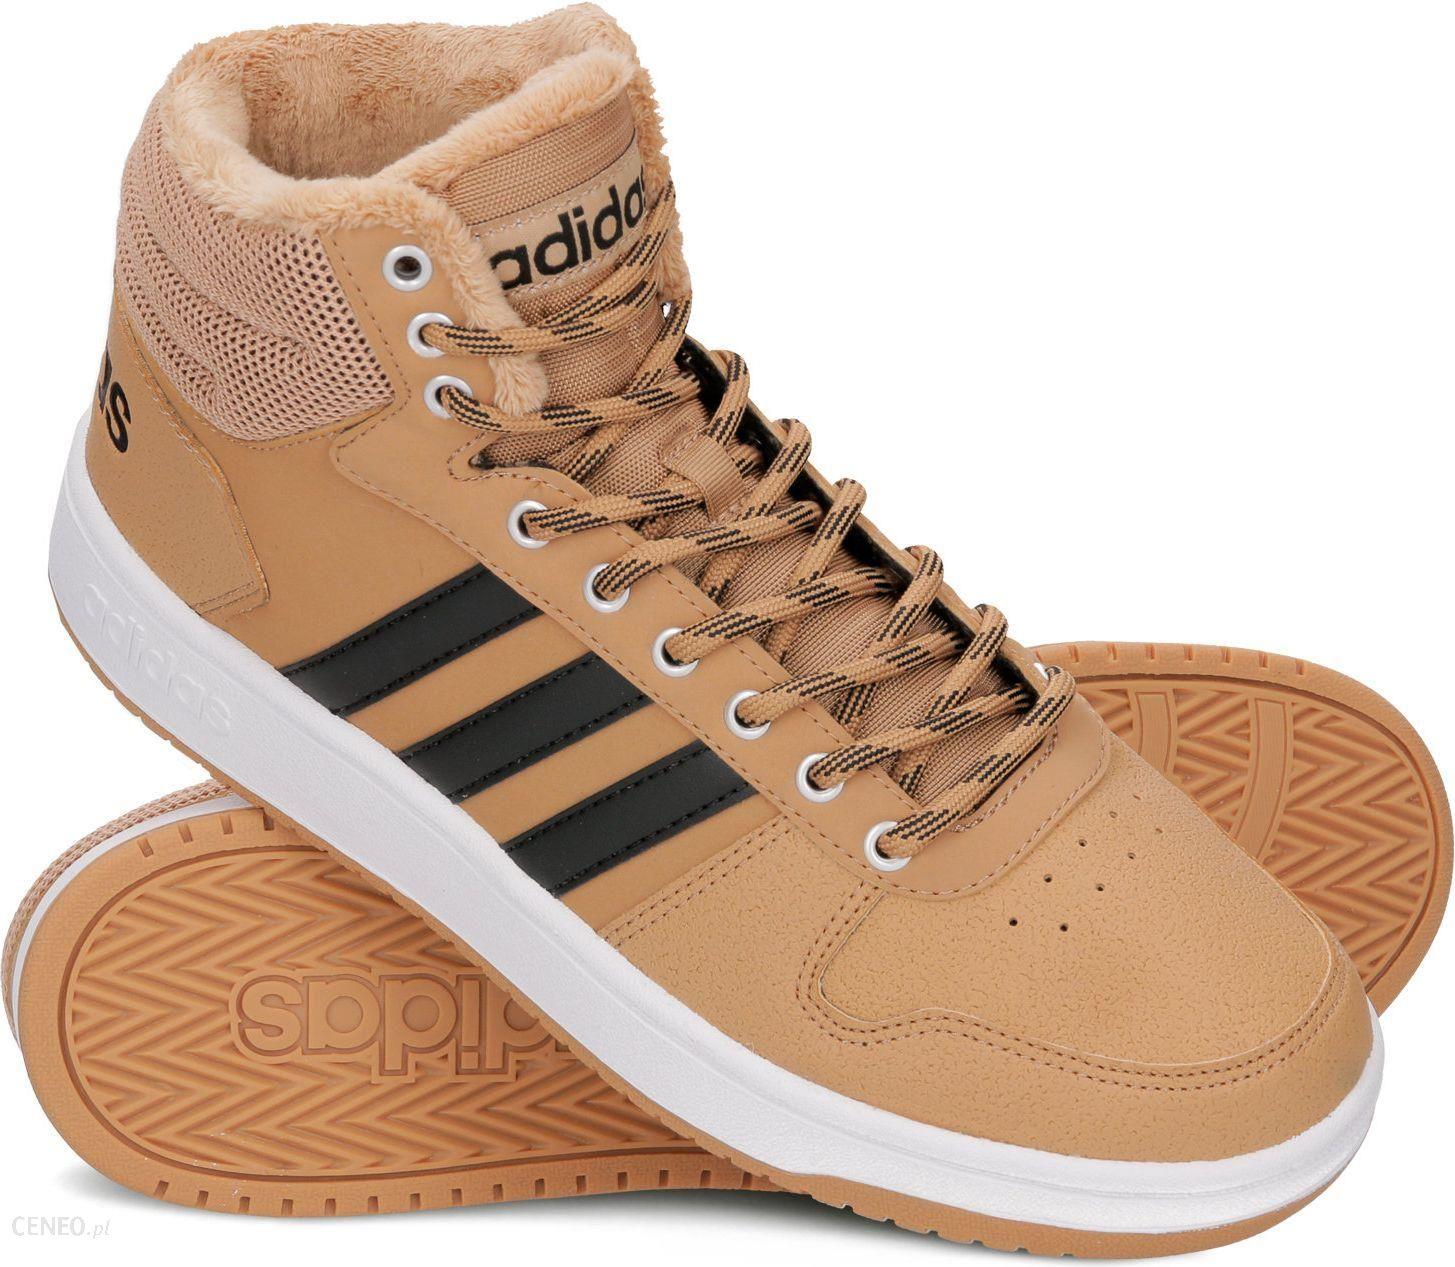 size 40 342b2 0645c Adidas Buty męskie Hoops 2.0 Mid brązowe r. 40 23 (B44620)